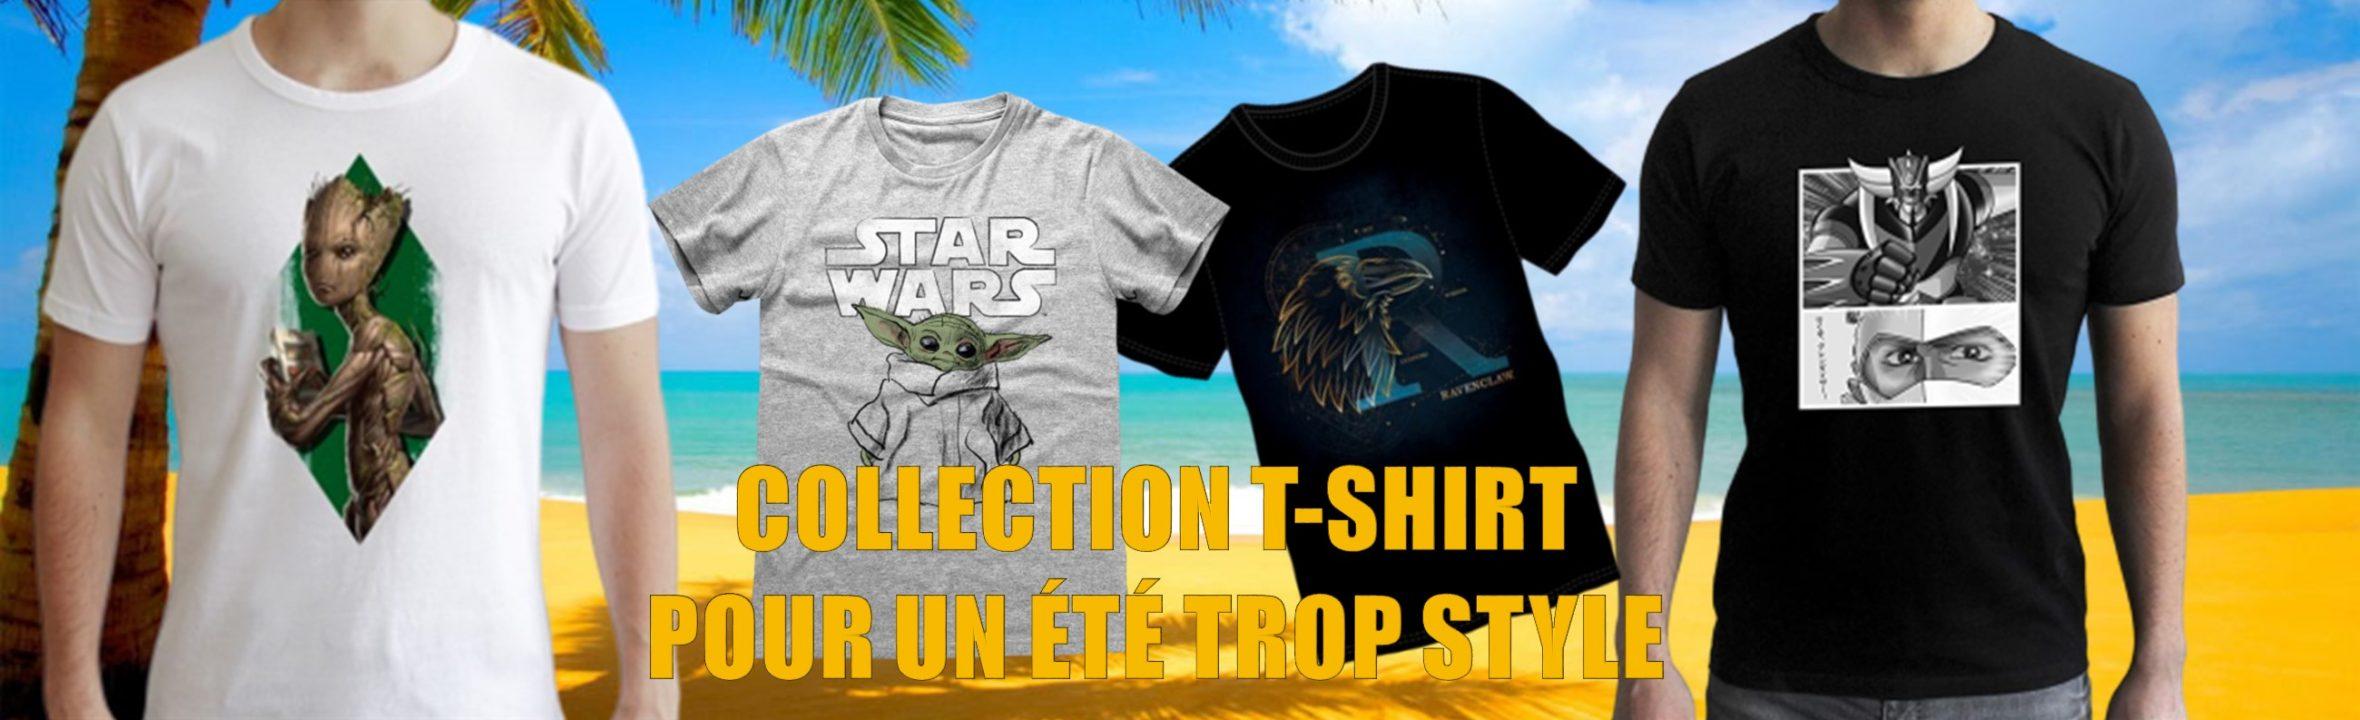 collection textile t-shirt goodin shop